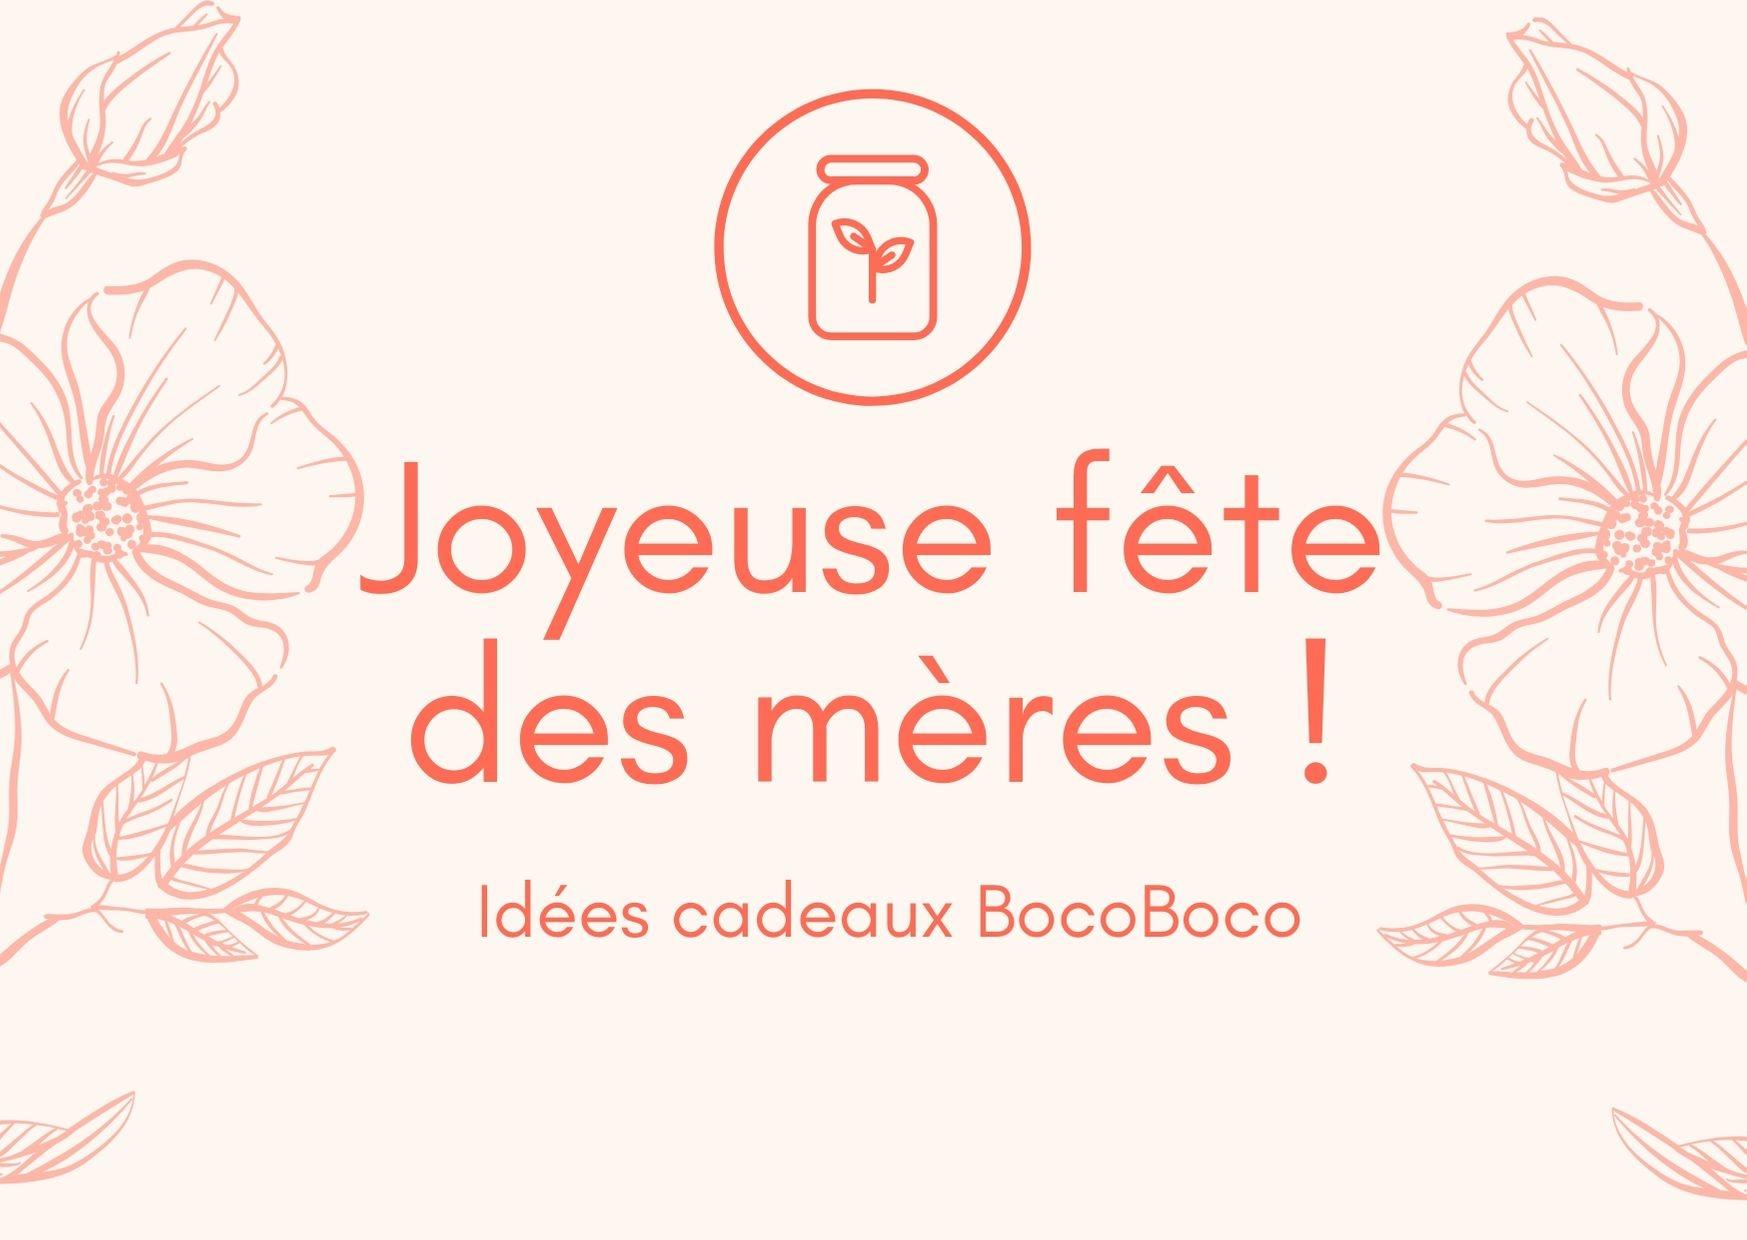 BocoBoco X Fête des mères